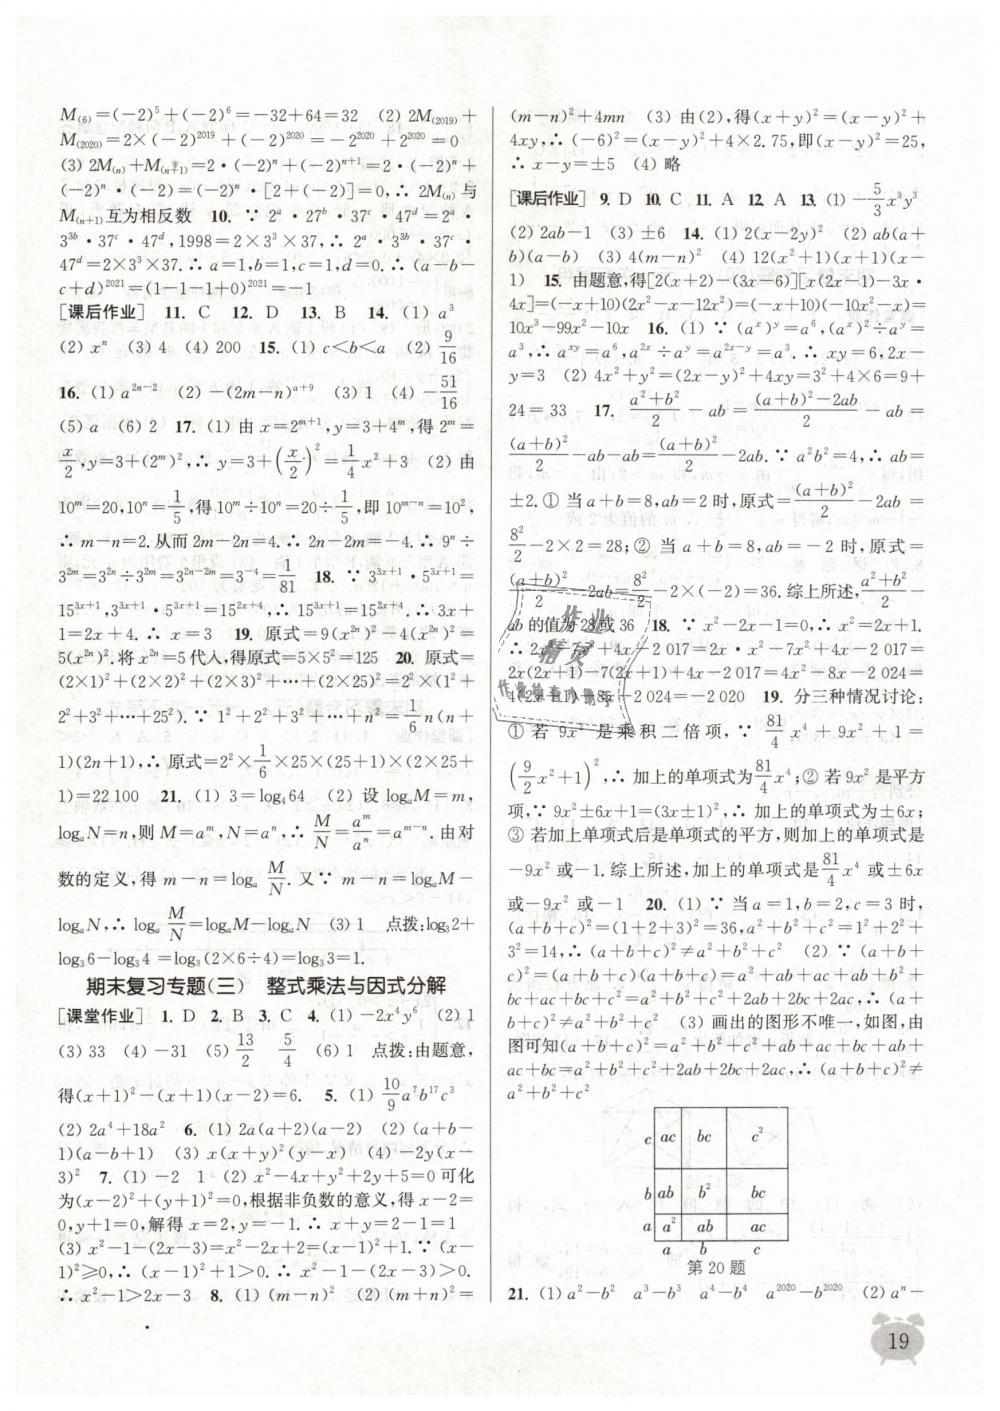 2019年通城学典课时作业本七年级数学下册苏科版江苏专用第19页